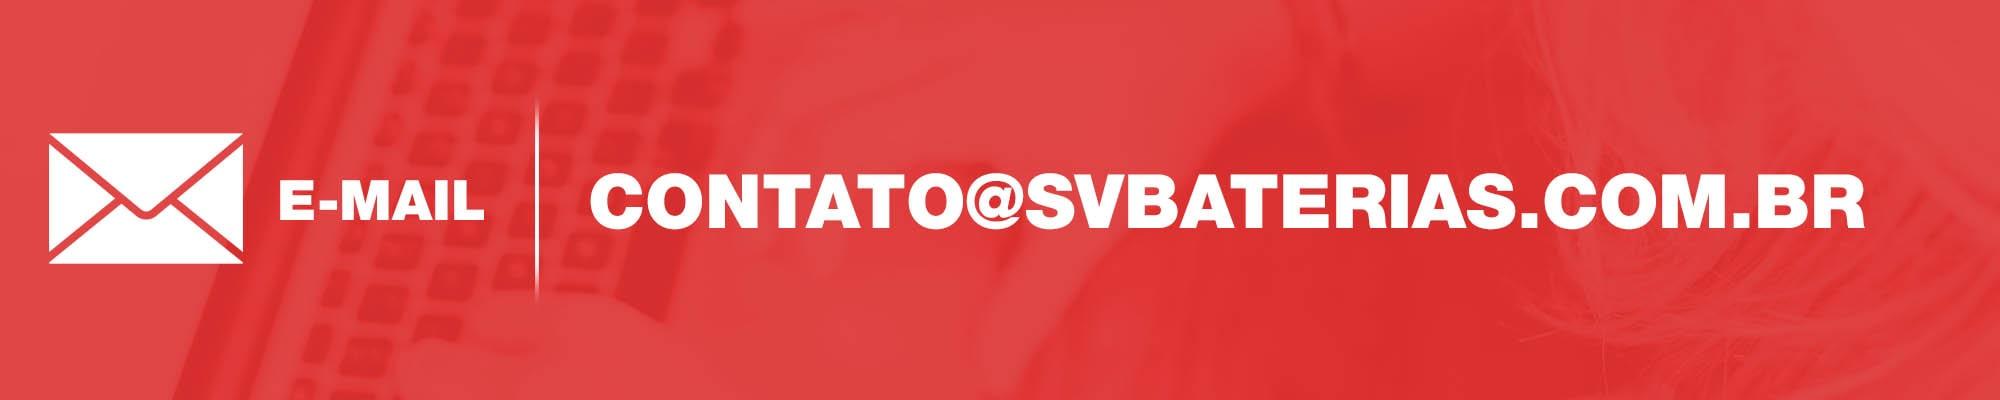 sv-baterias-email-v1